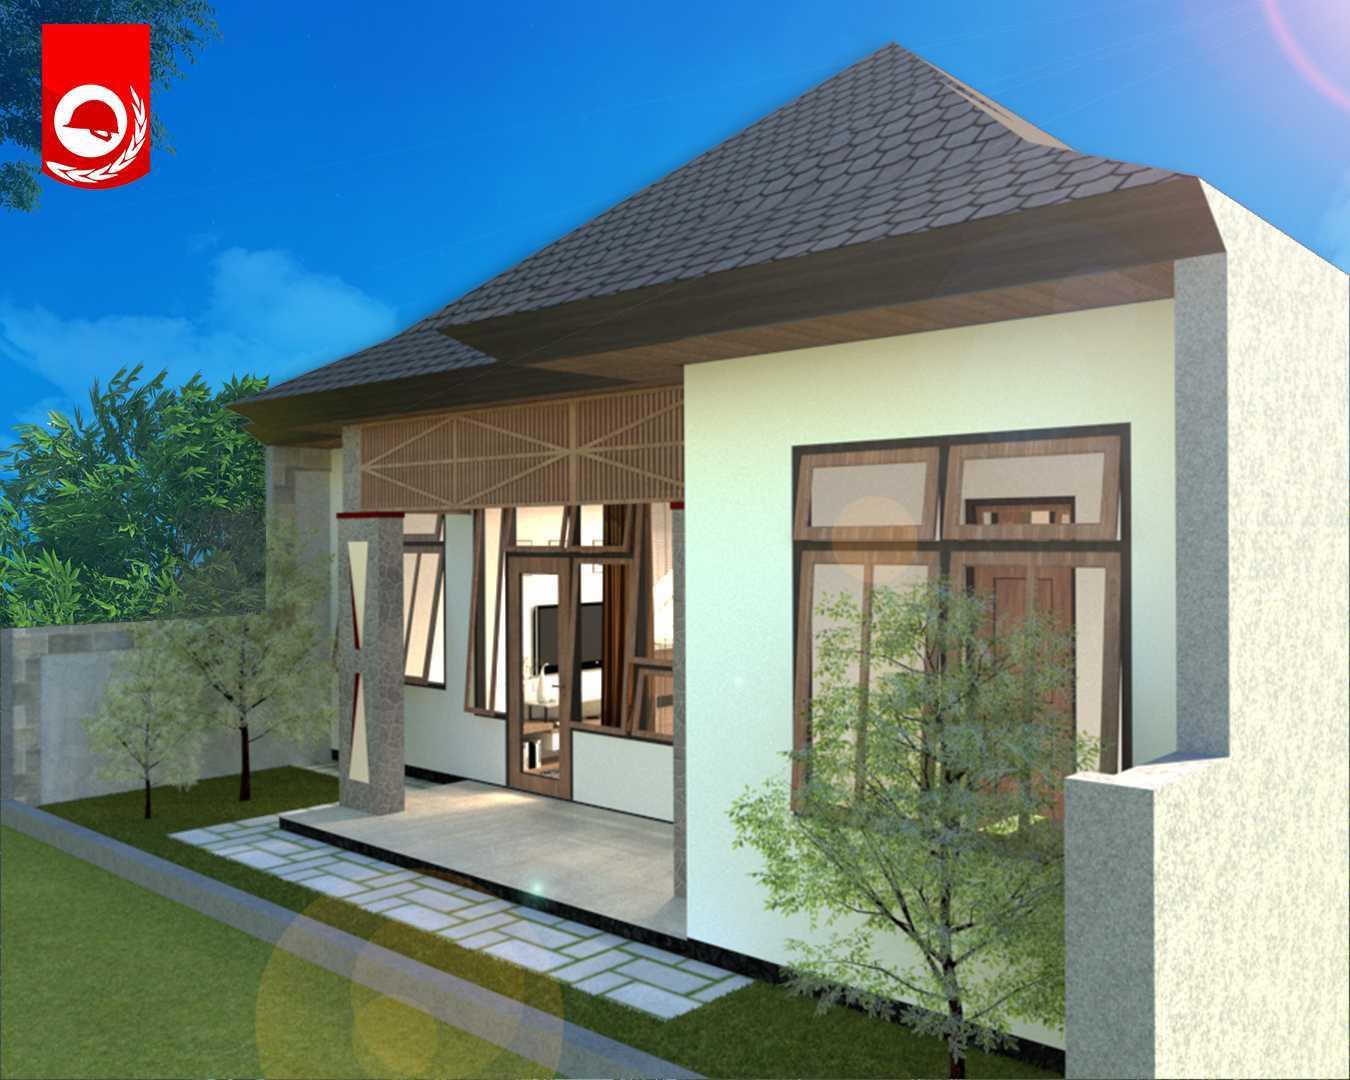 Inti Pembangunan Nusantara Rumah Satu Lantai 10 X 15 M2 Kota Denpasar, Bali, Indonesia Kota Denpasar, Bali, Indonesia Inti-Pembangunan-Nusantara-Rumah-Satu-Lantai   66130